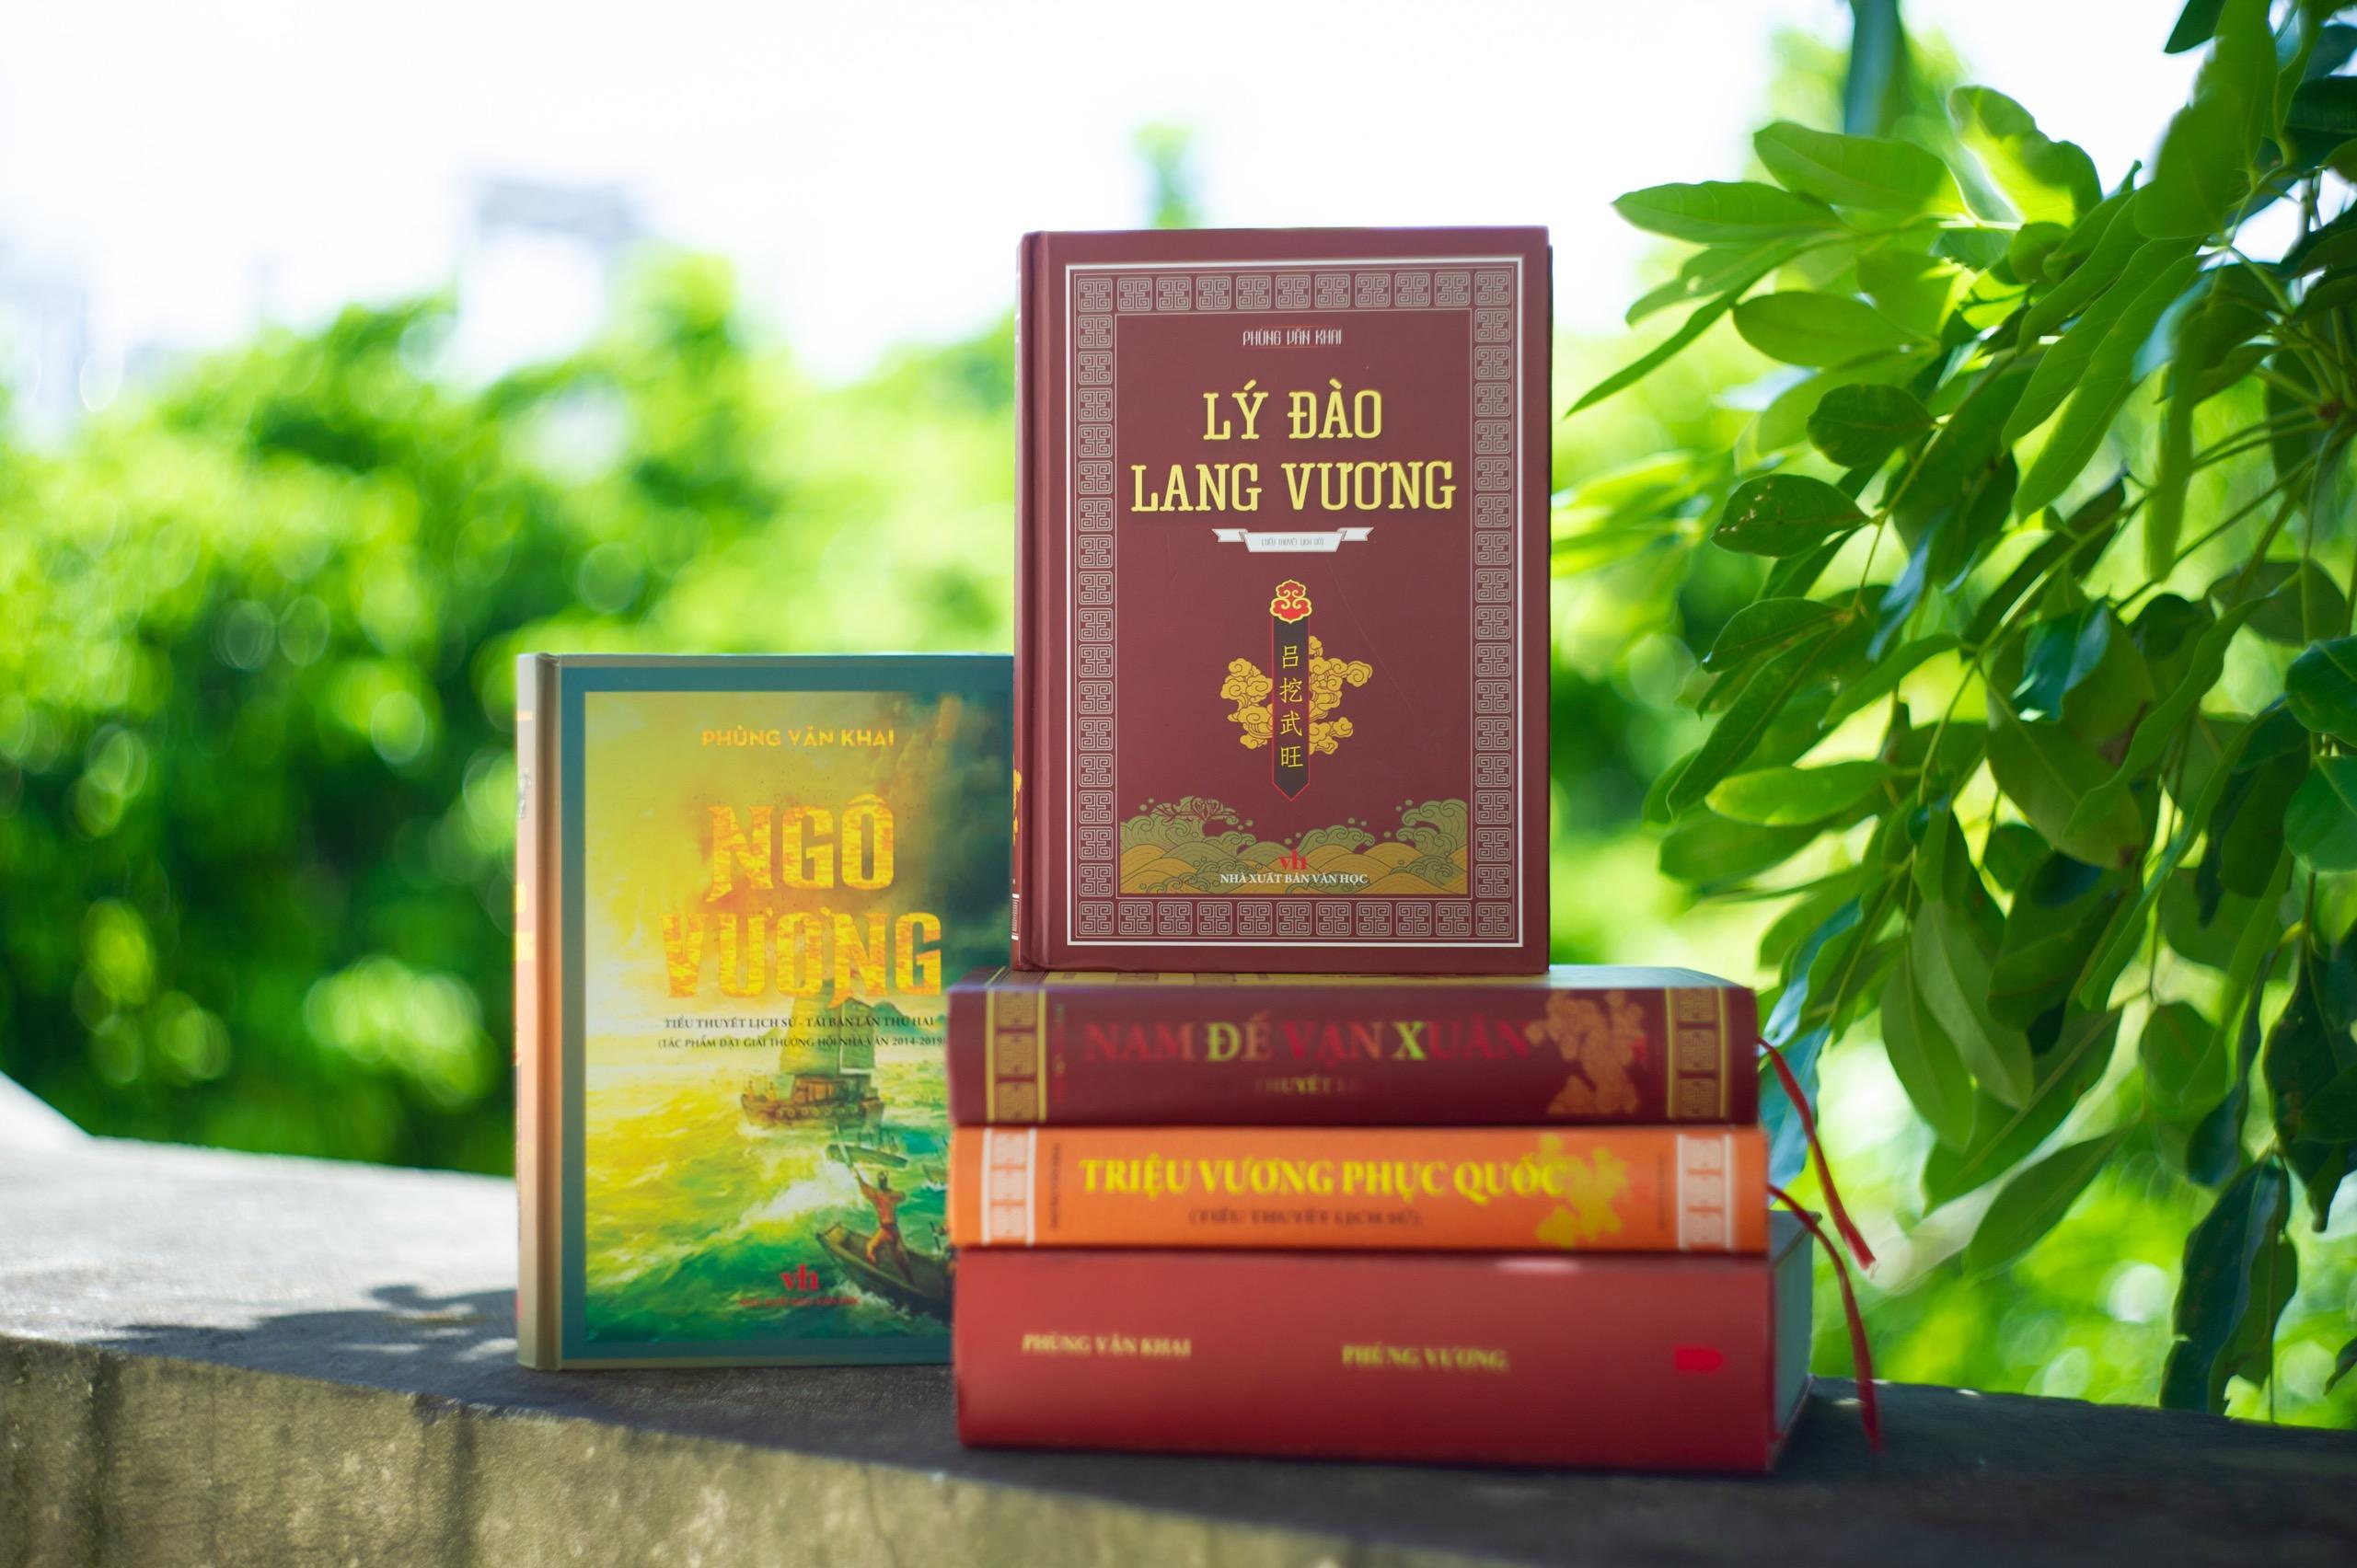 Tiểu thuyết LÝ ĐÀO LANG VƯƠNG của Nhà văn Phùng Văn Khai